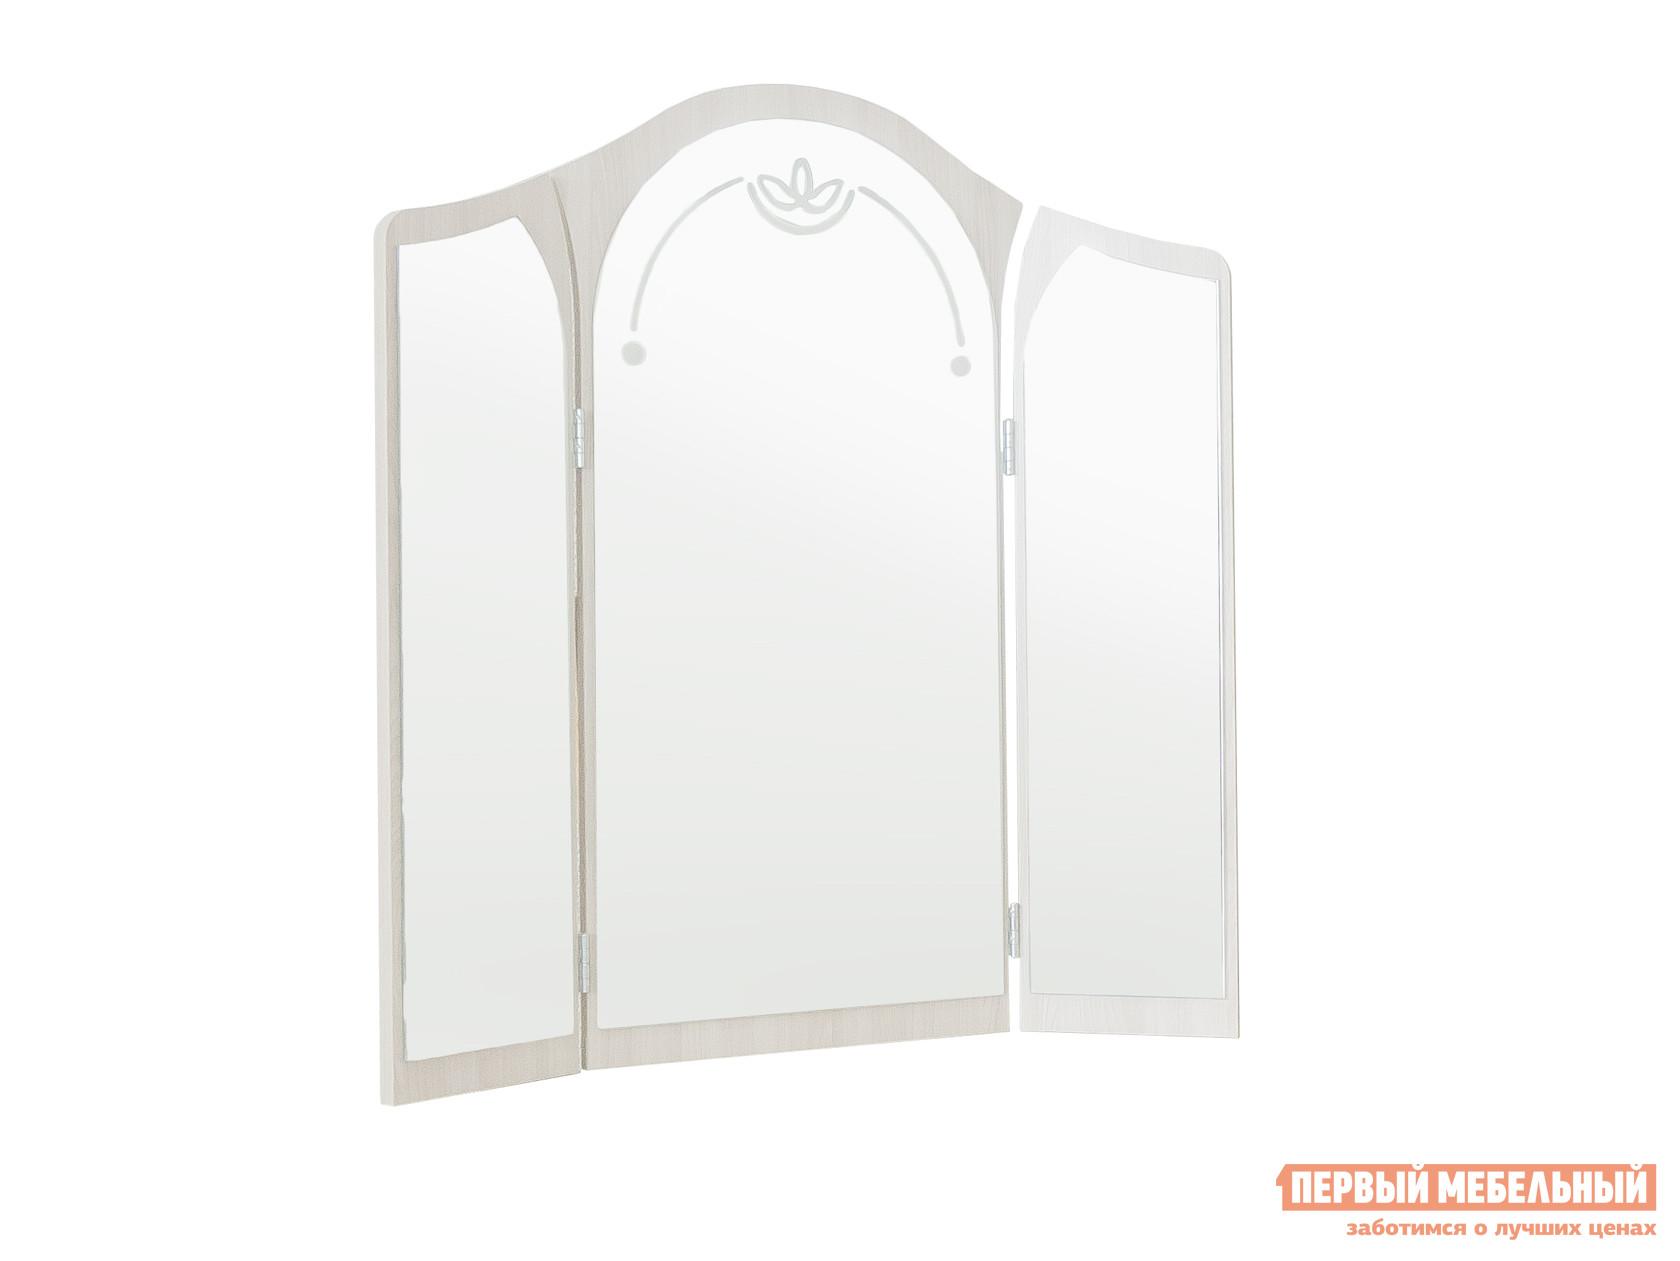 Настенное зеркало Боровичи Лотос 12.10 t 9917 brown